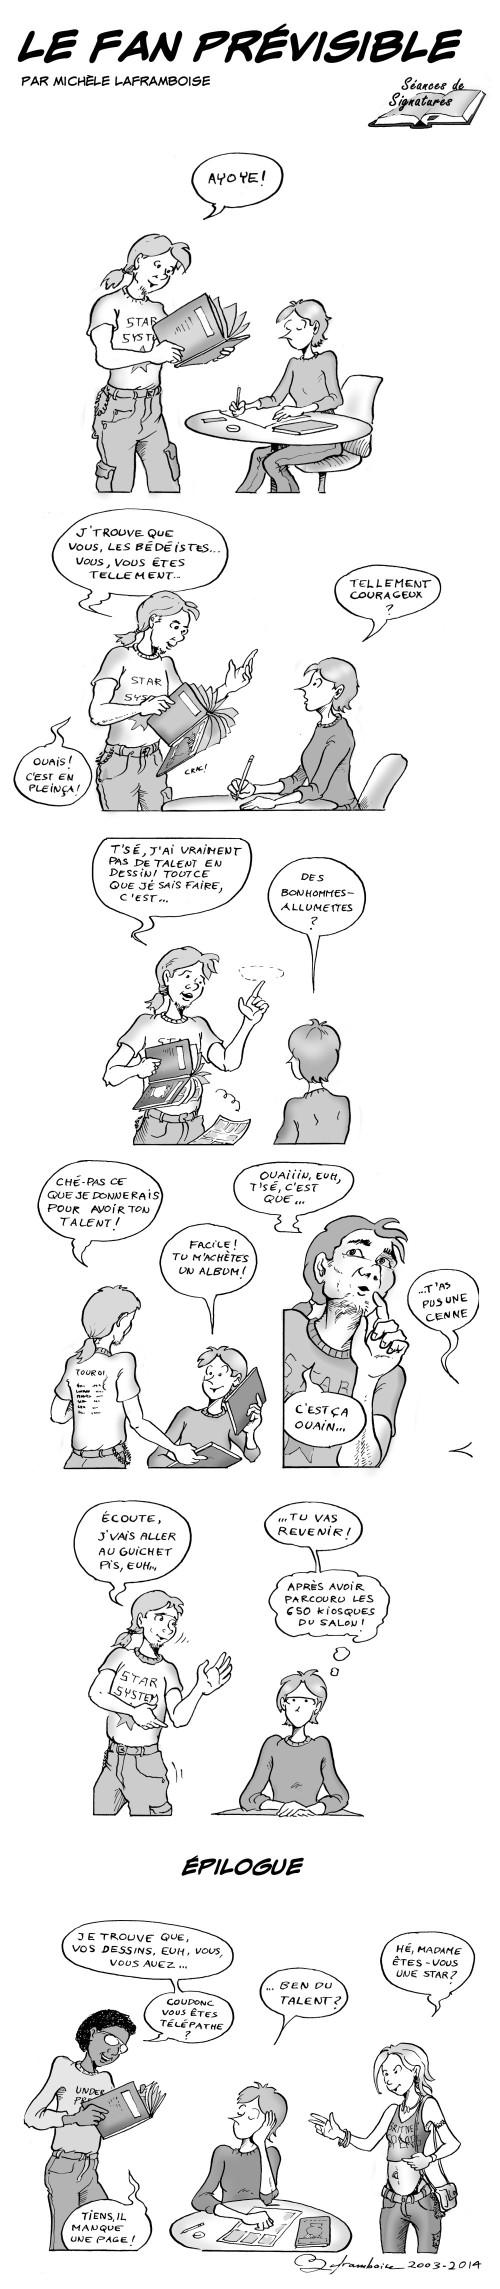 Le fan prévisible  dans toue sa splendeur! un comic par Michèle Laframboise